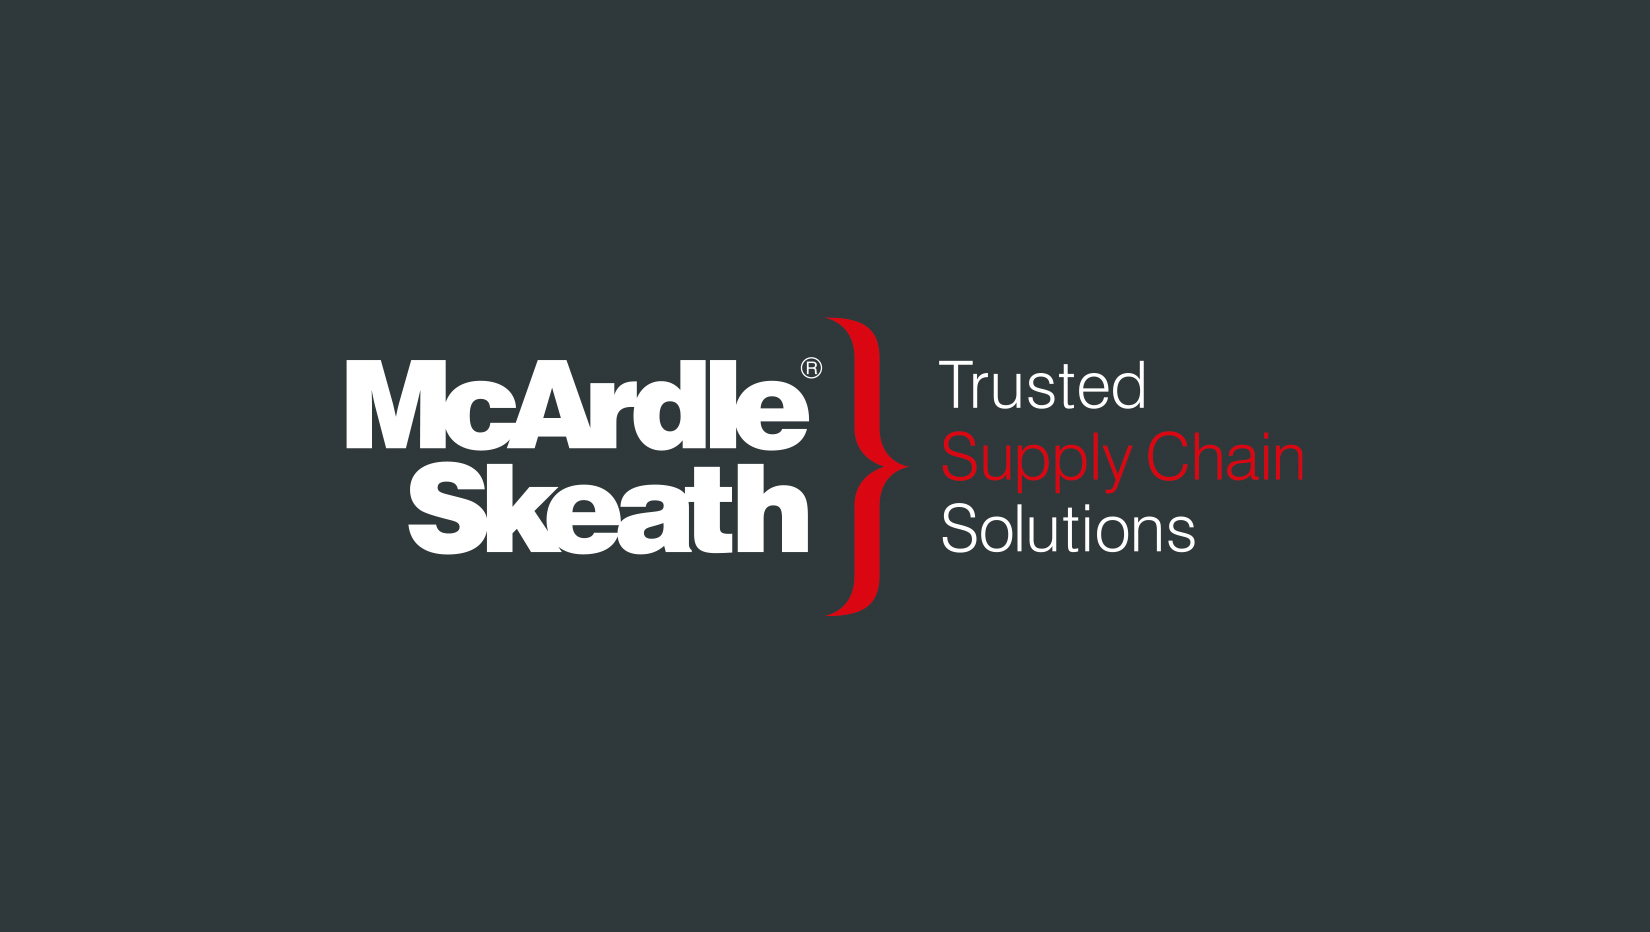 McArdle Skeath Branding